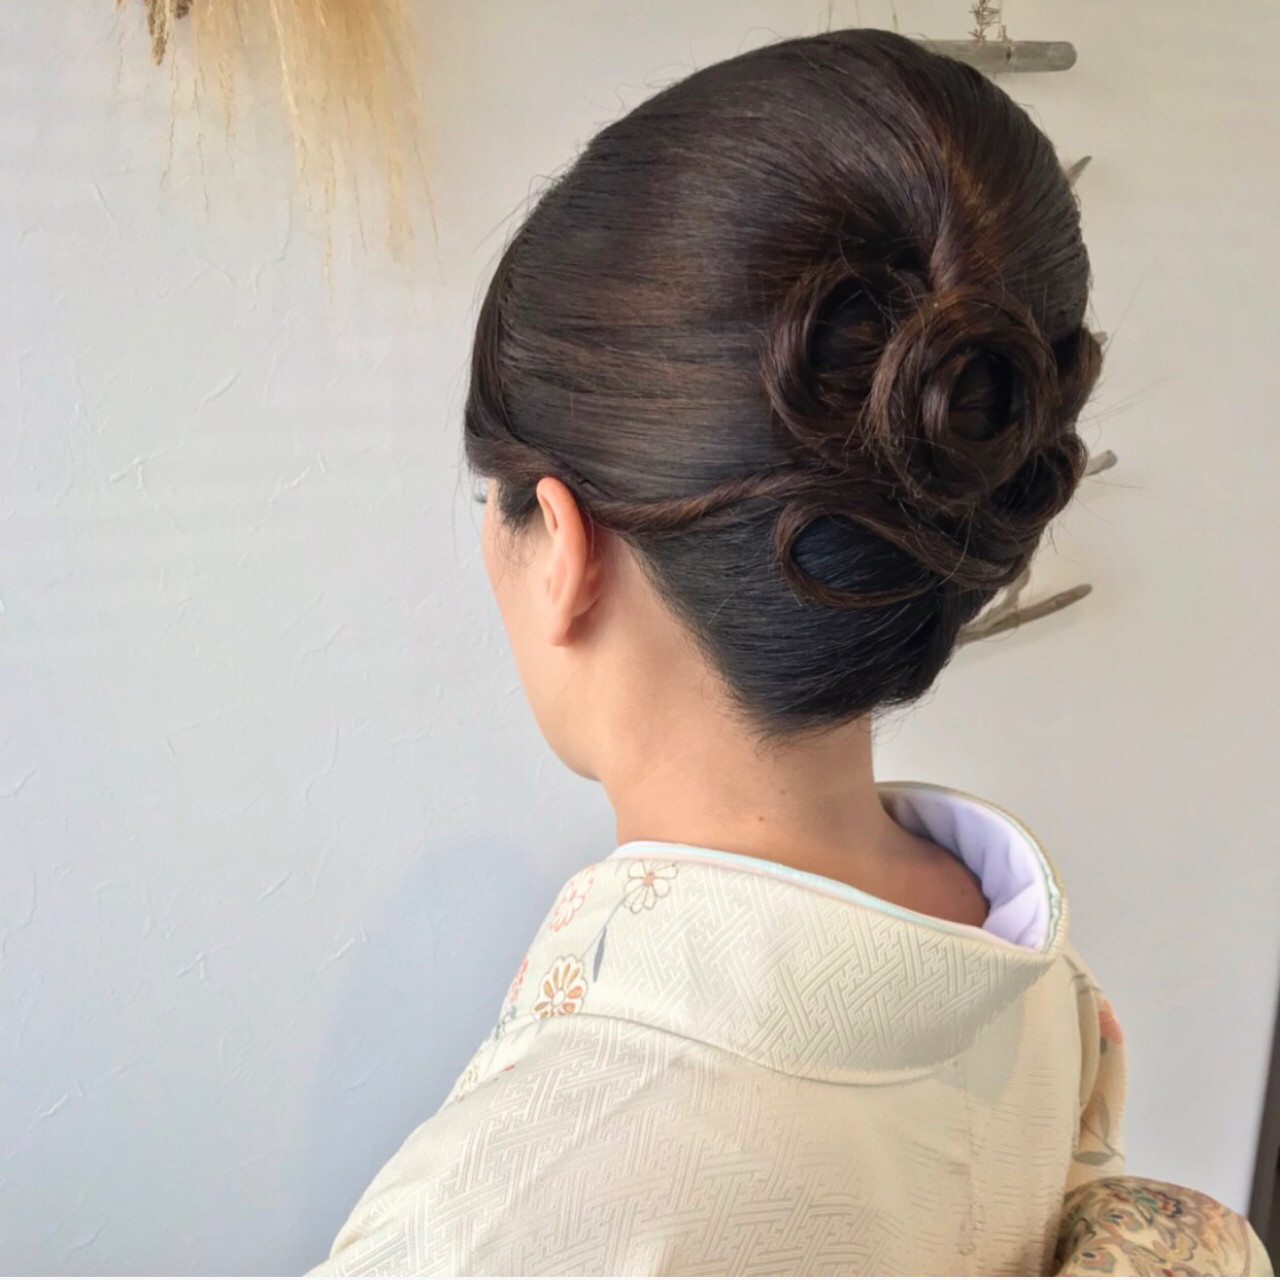 和装 ヘアアレンジ ロング 上品 ヘアスタイルや髪型の写真・画像